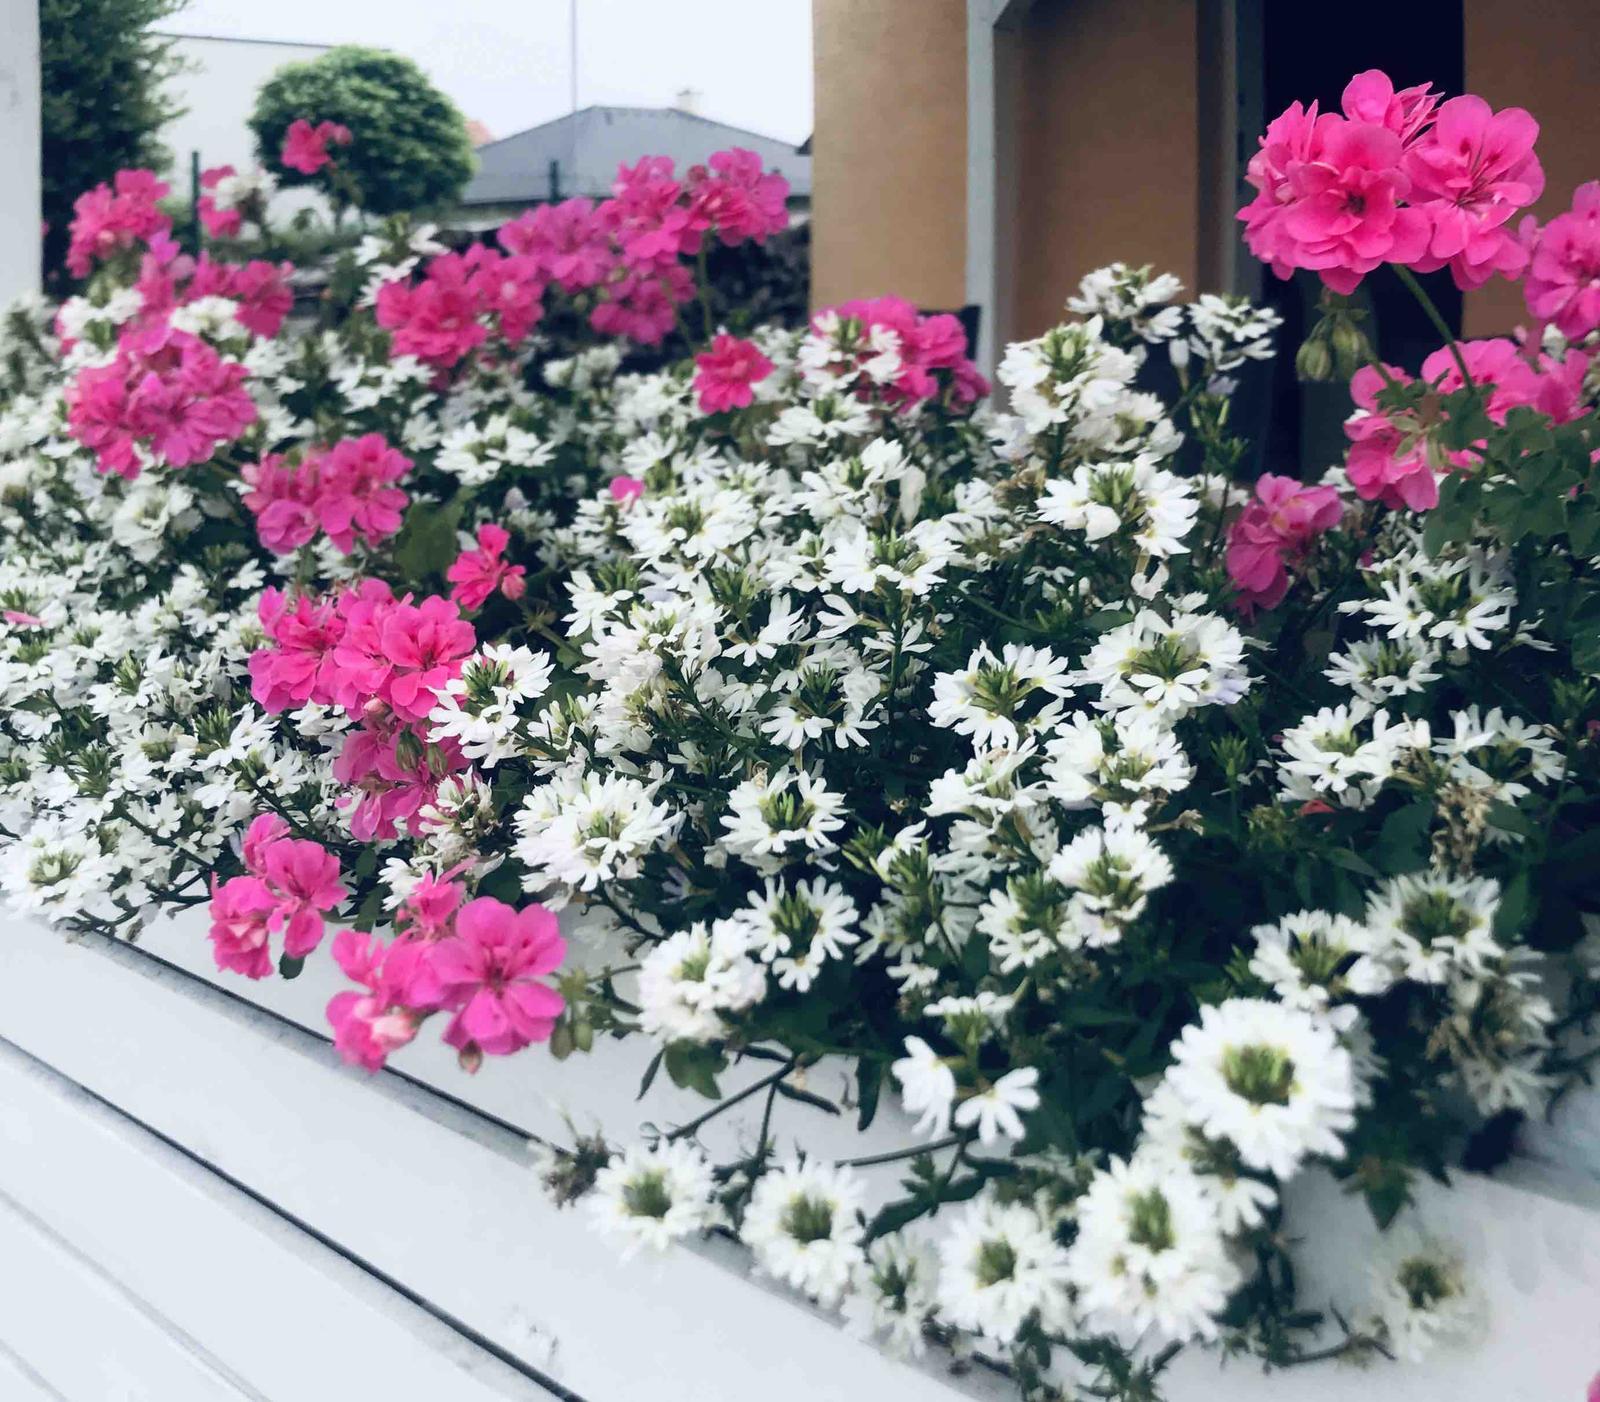 Naše barevná zahrada 🌸 - Severozápadní strana a zde jsou ty letničky nejkrásnější 🌸